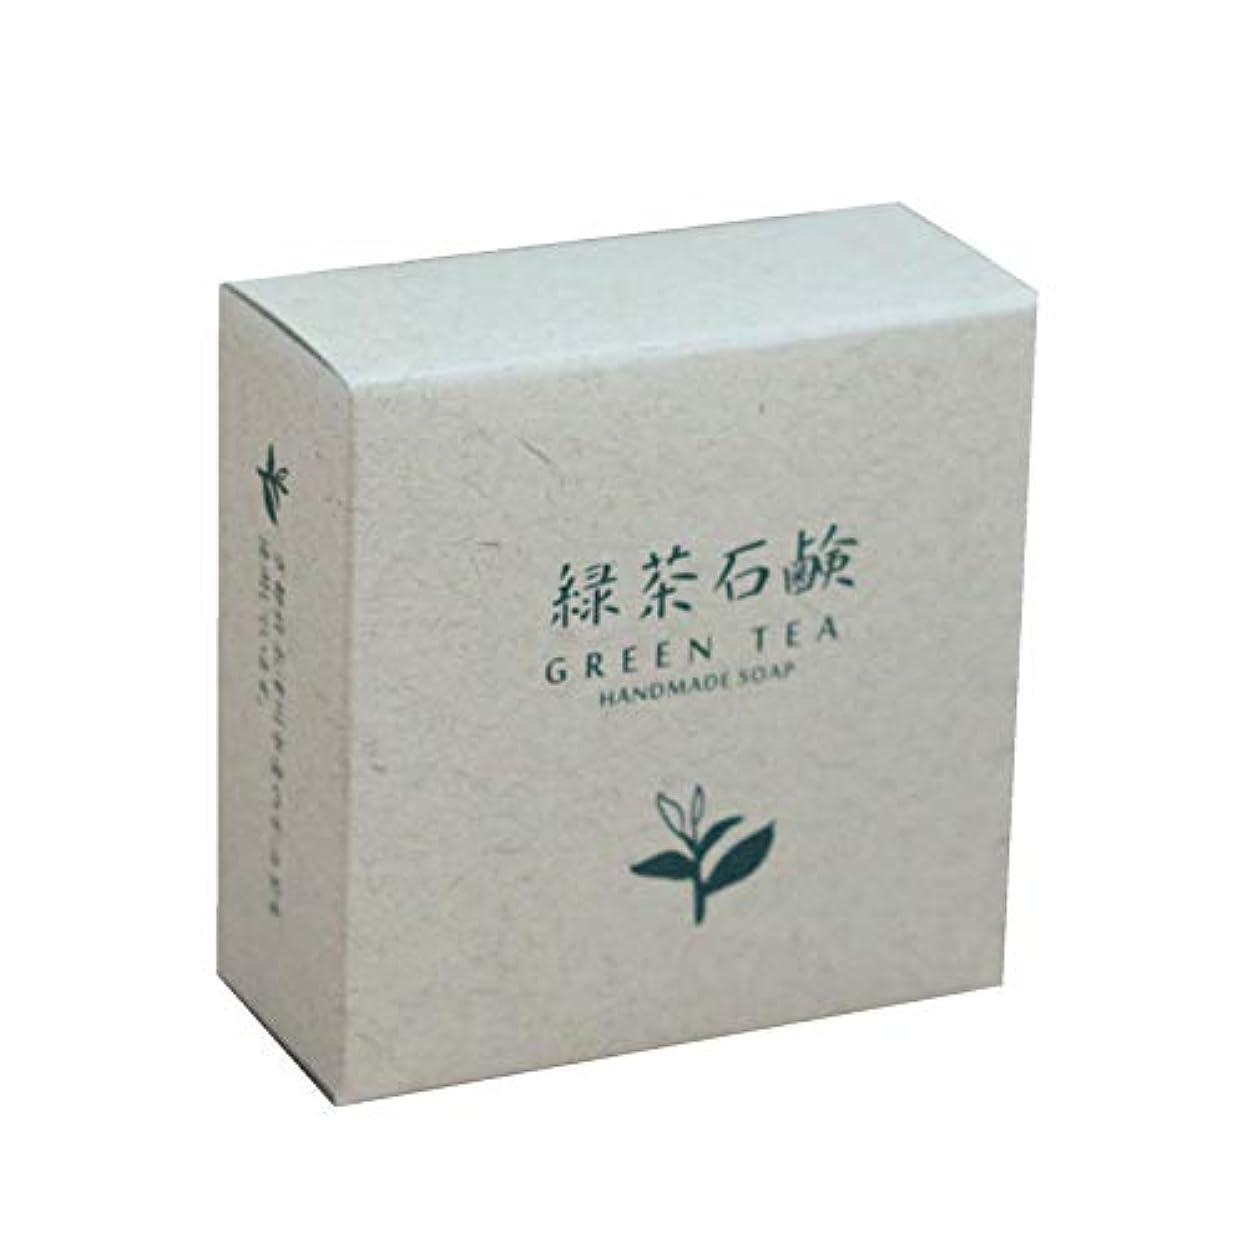 地上のハイランド十分な緑茶石鹸